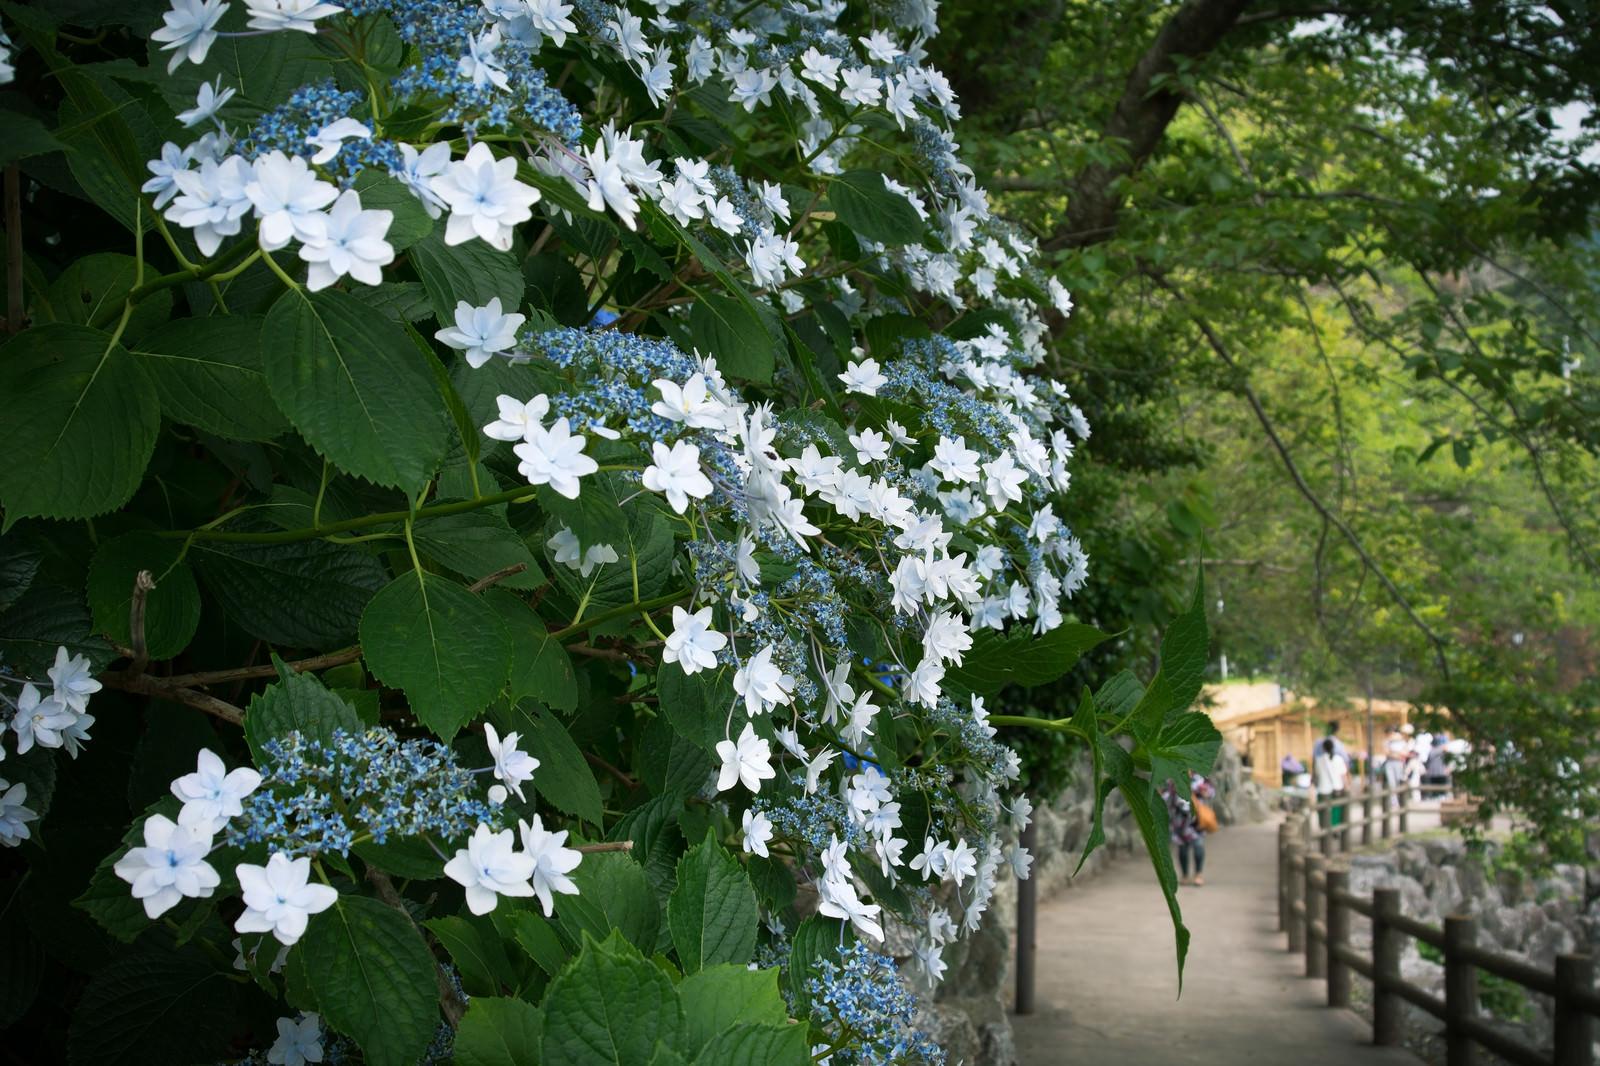 「遊歩道に咲くアジサイ」の写真